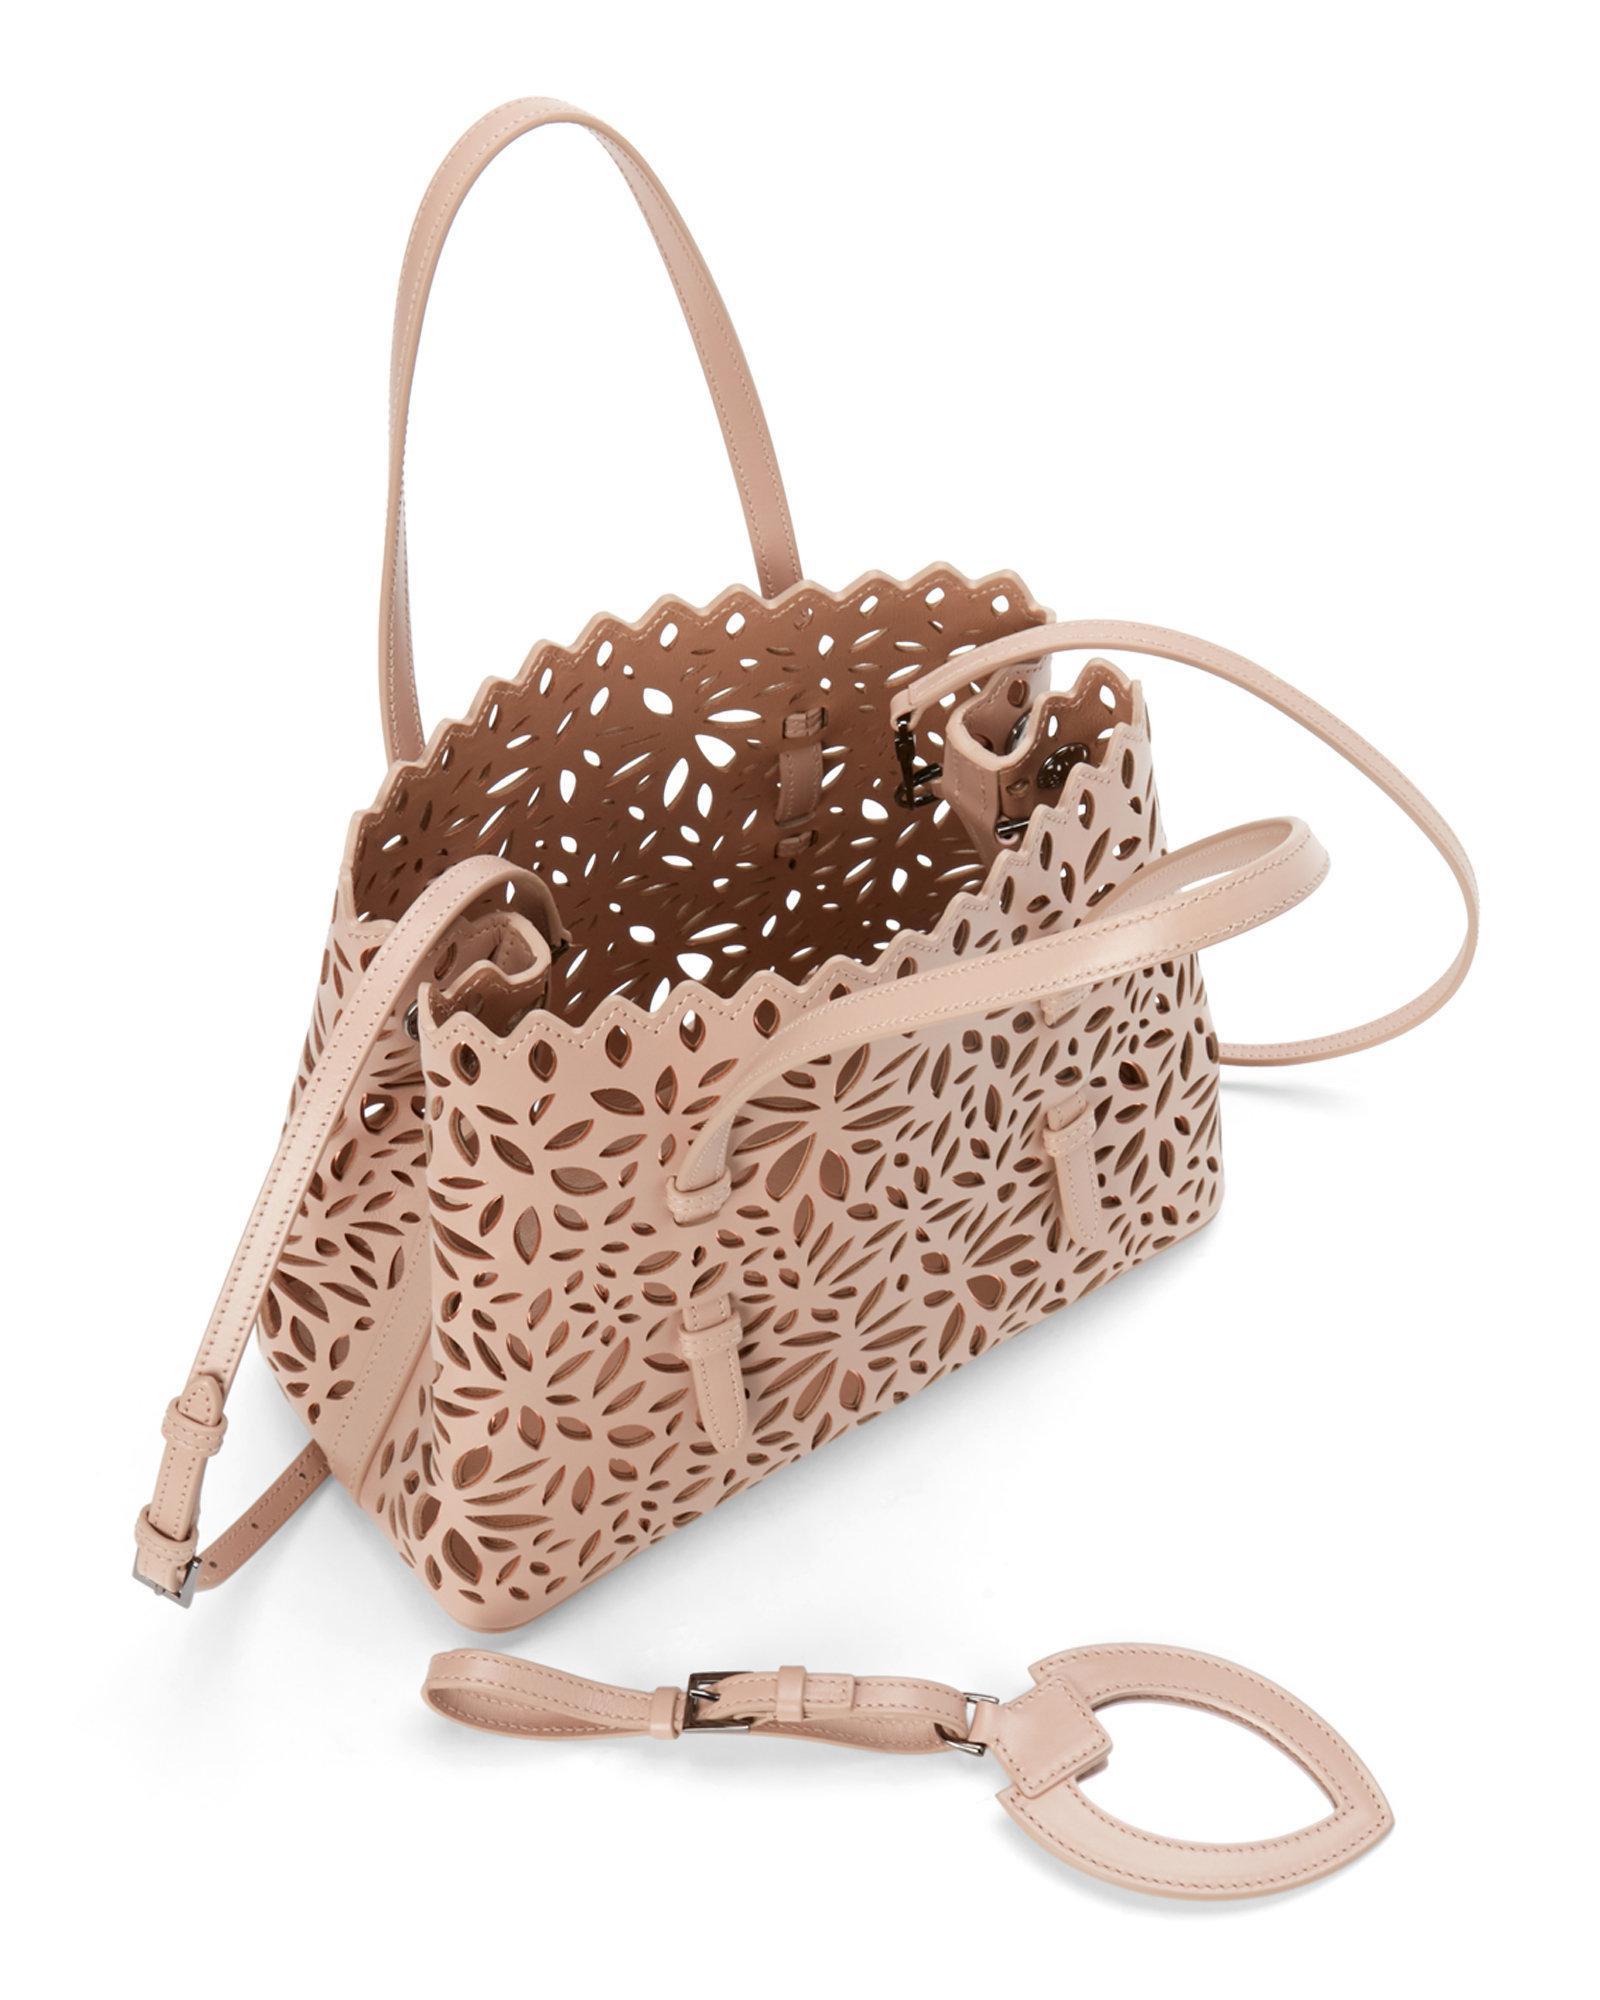 b9f6c84ac68a Alaïa Blush & Rose Gold Vienne Laser-cut Mini Leather Tote in Pink ...